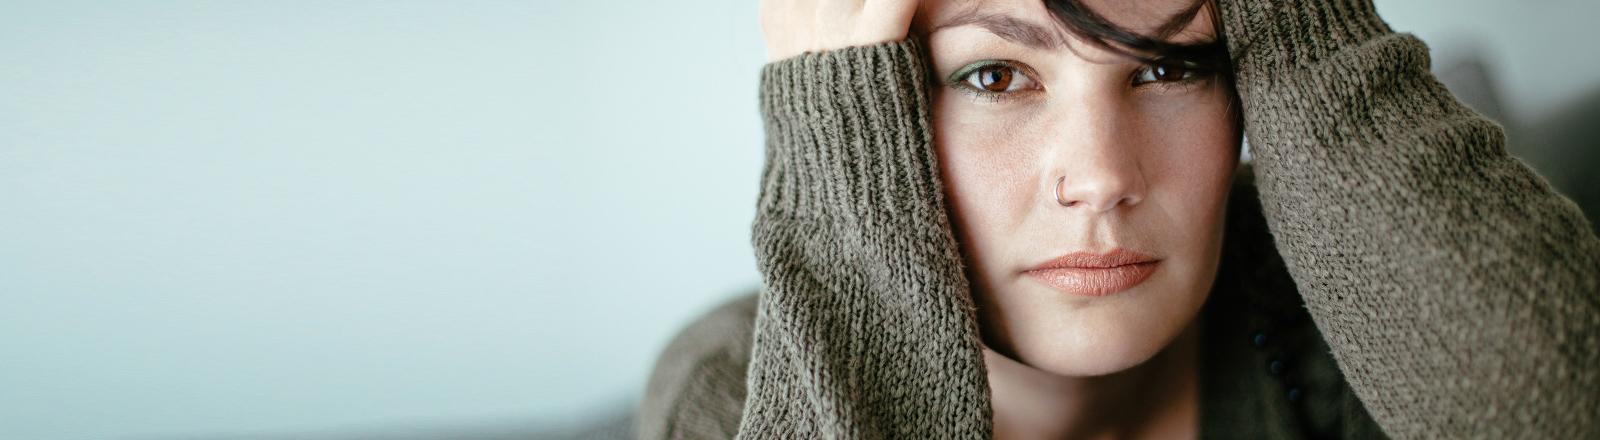 Eine Frau hält genervt ihren Kopf.